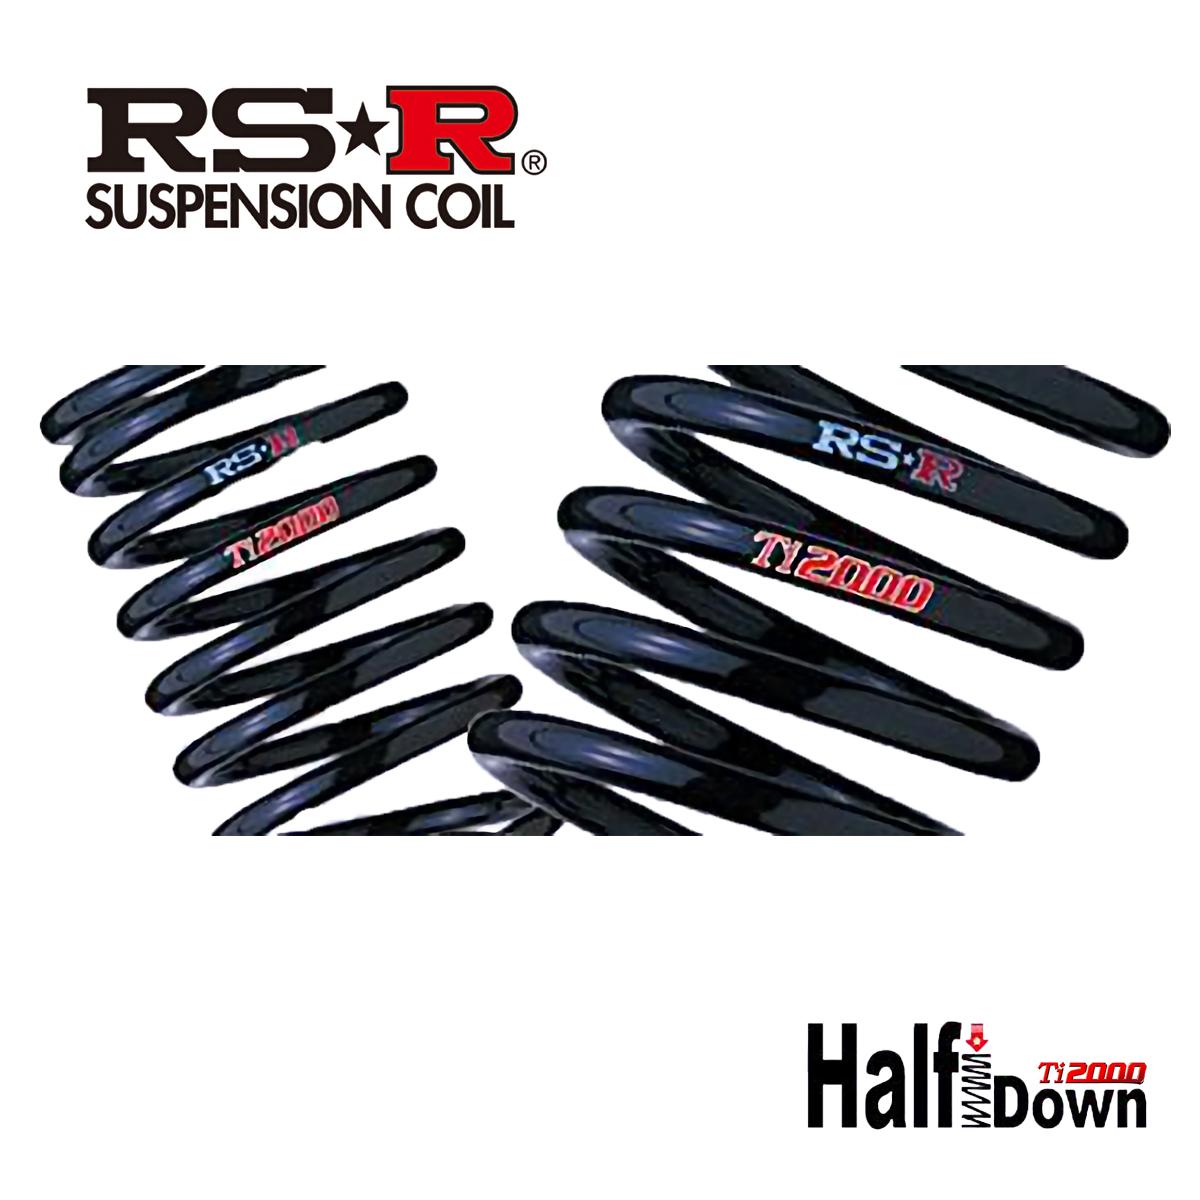 RS-R カローラツーリング ZWE214W ハイブリッド ダブルバイビー ダウンサス スプリング 1台分 T585THD Ti2000 ハーフダウン RSR 個人宅発送追金有